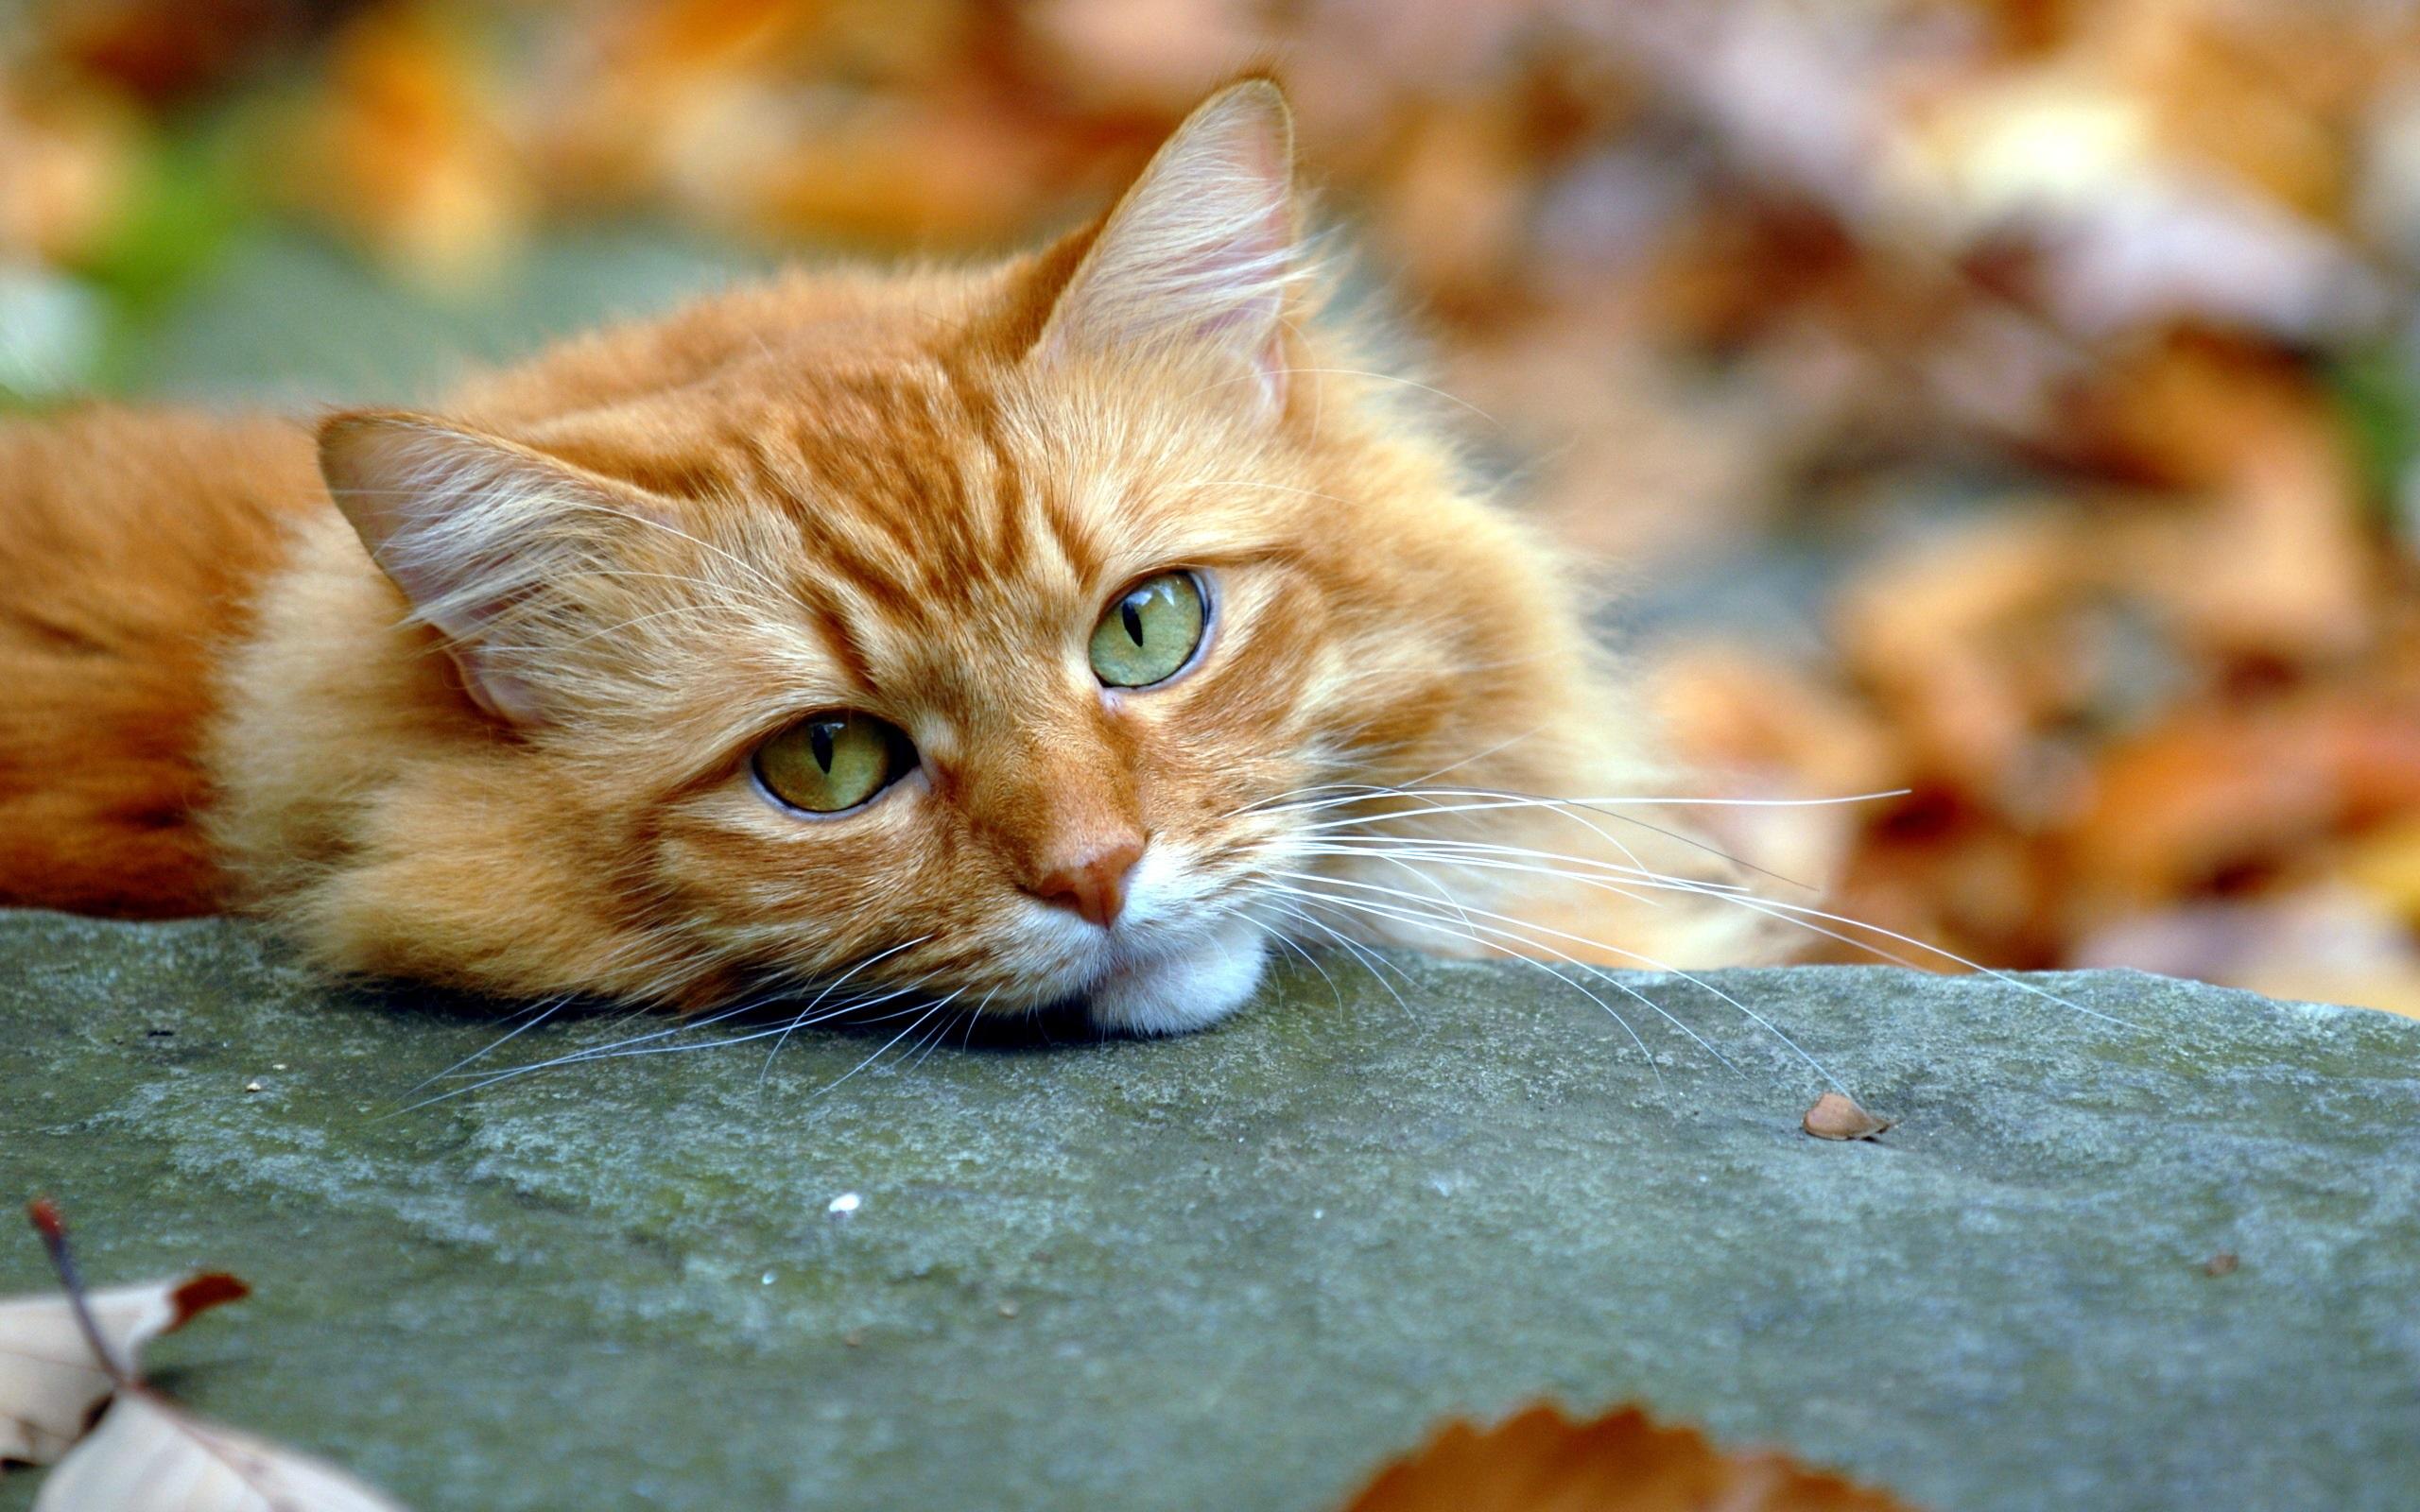 壁紙 かわいい猫 顔 目 秋 2560x1600 Hd 無料のデスクトップの背景